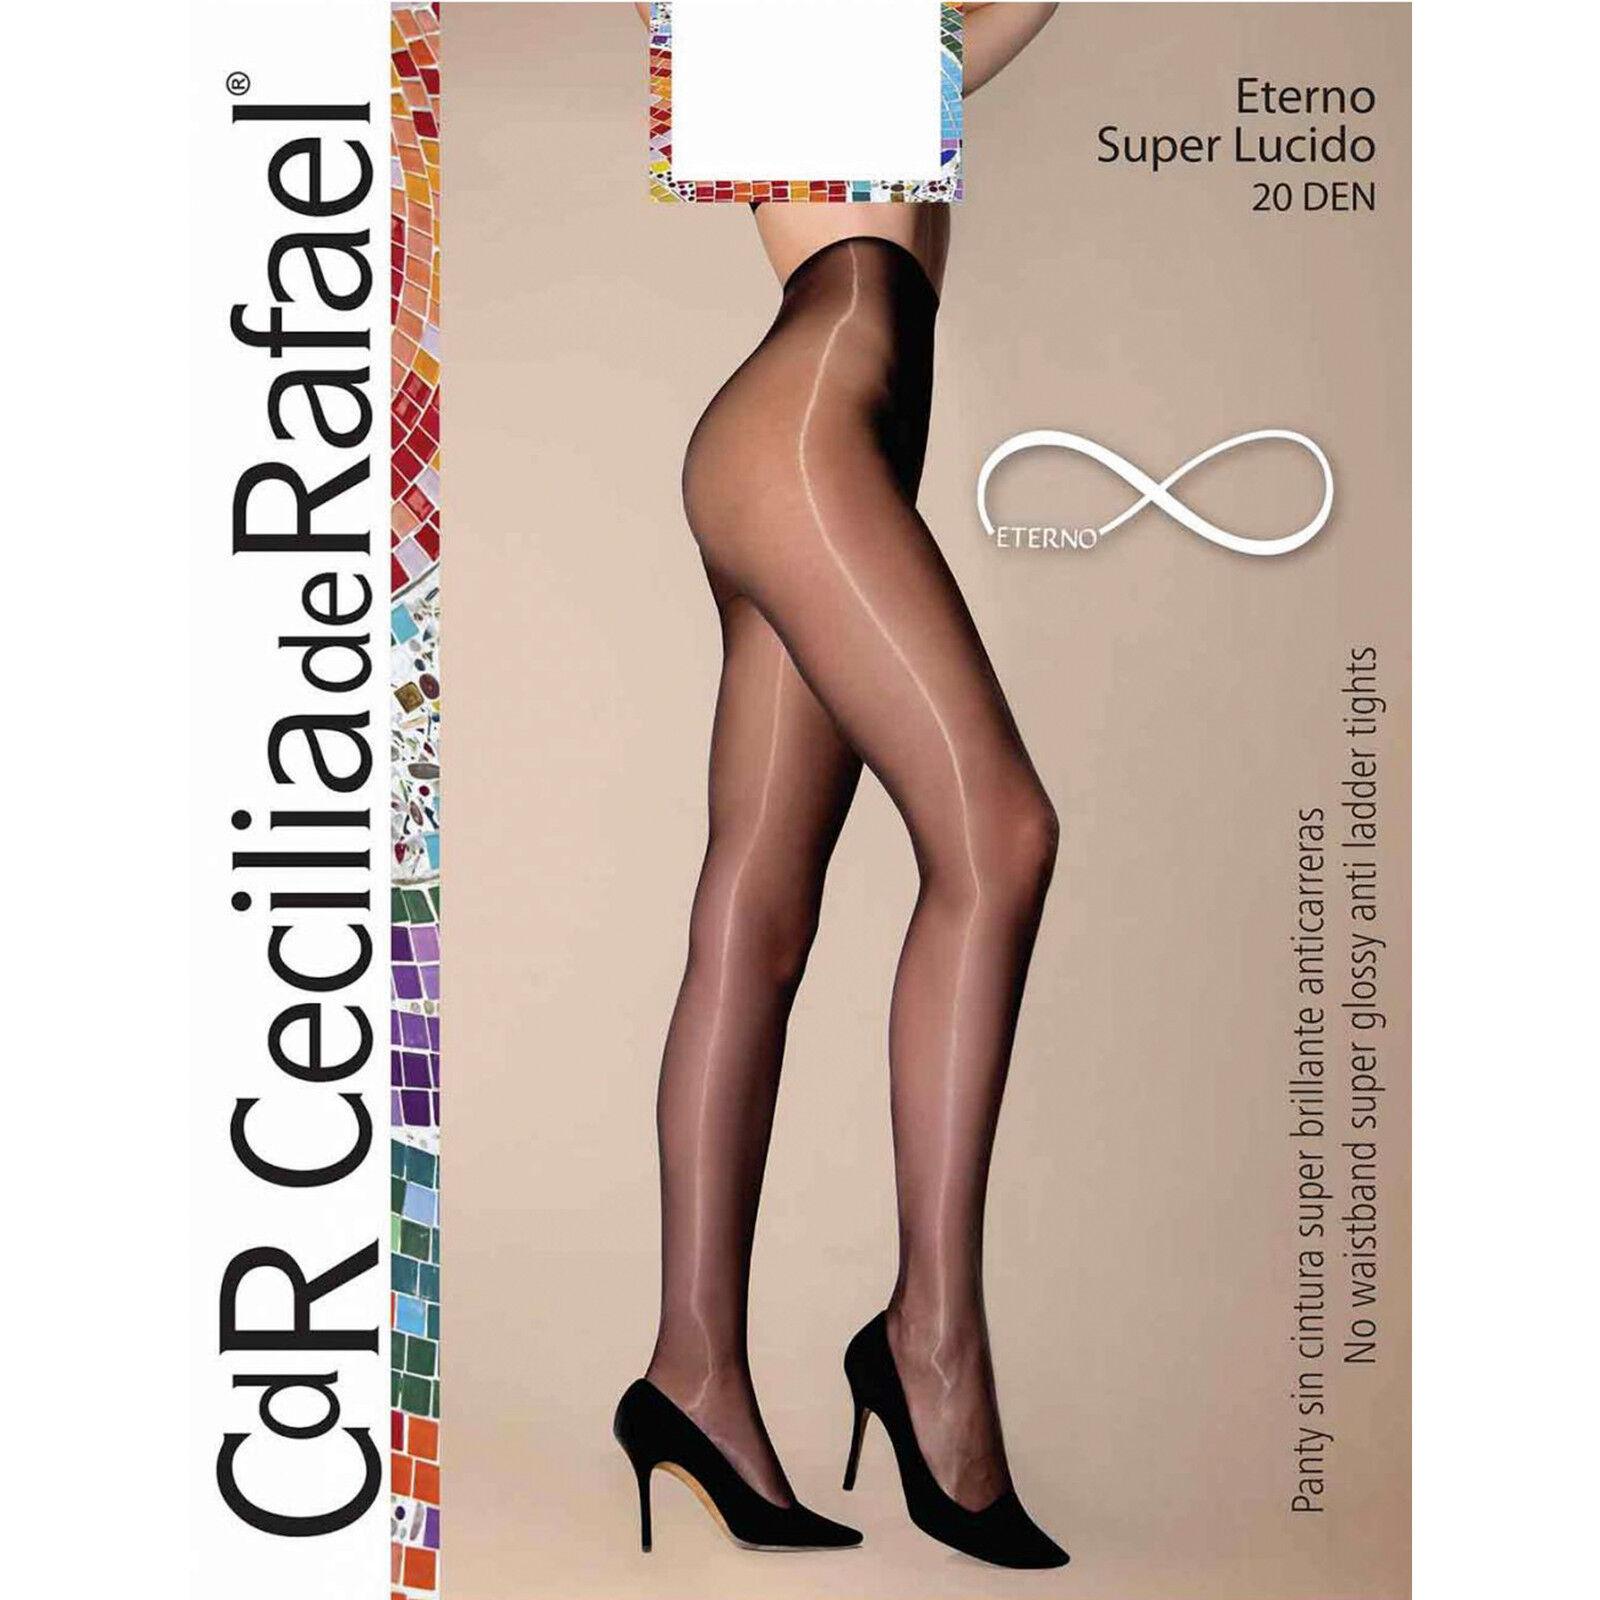 91dcf183e8c Cecilia de Rafael Eterno Super Lucido Ultra Glossy Shiny Tights Pantyhose  NEW!